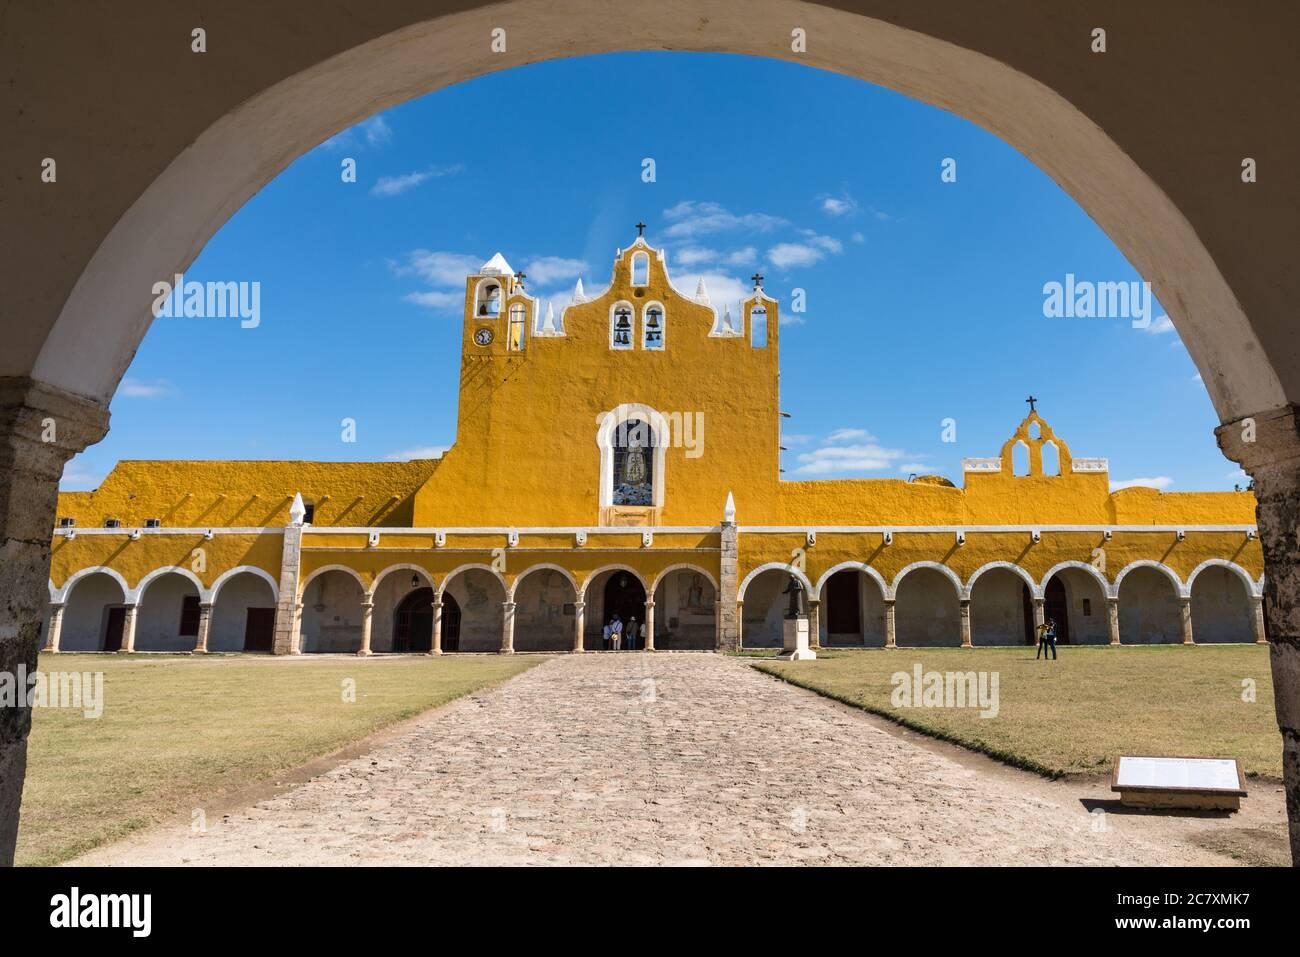 El Convento de San Antonio o San Antonio de Padua fue fundado en 1549 y completado en 1562. Fue construido sobre la base de una gran pirámide maya. Foto de stock